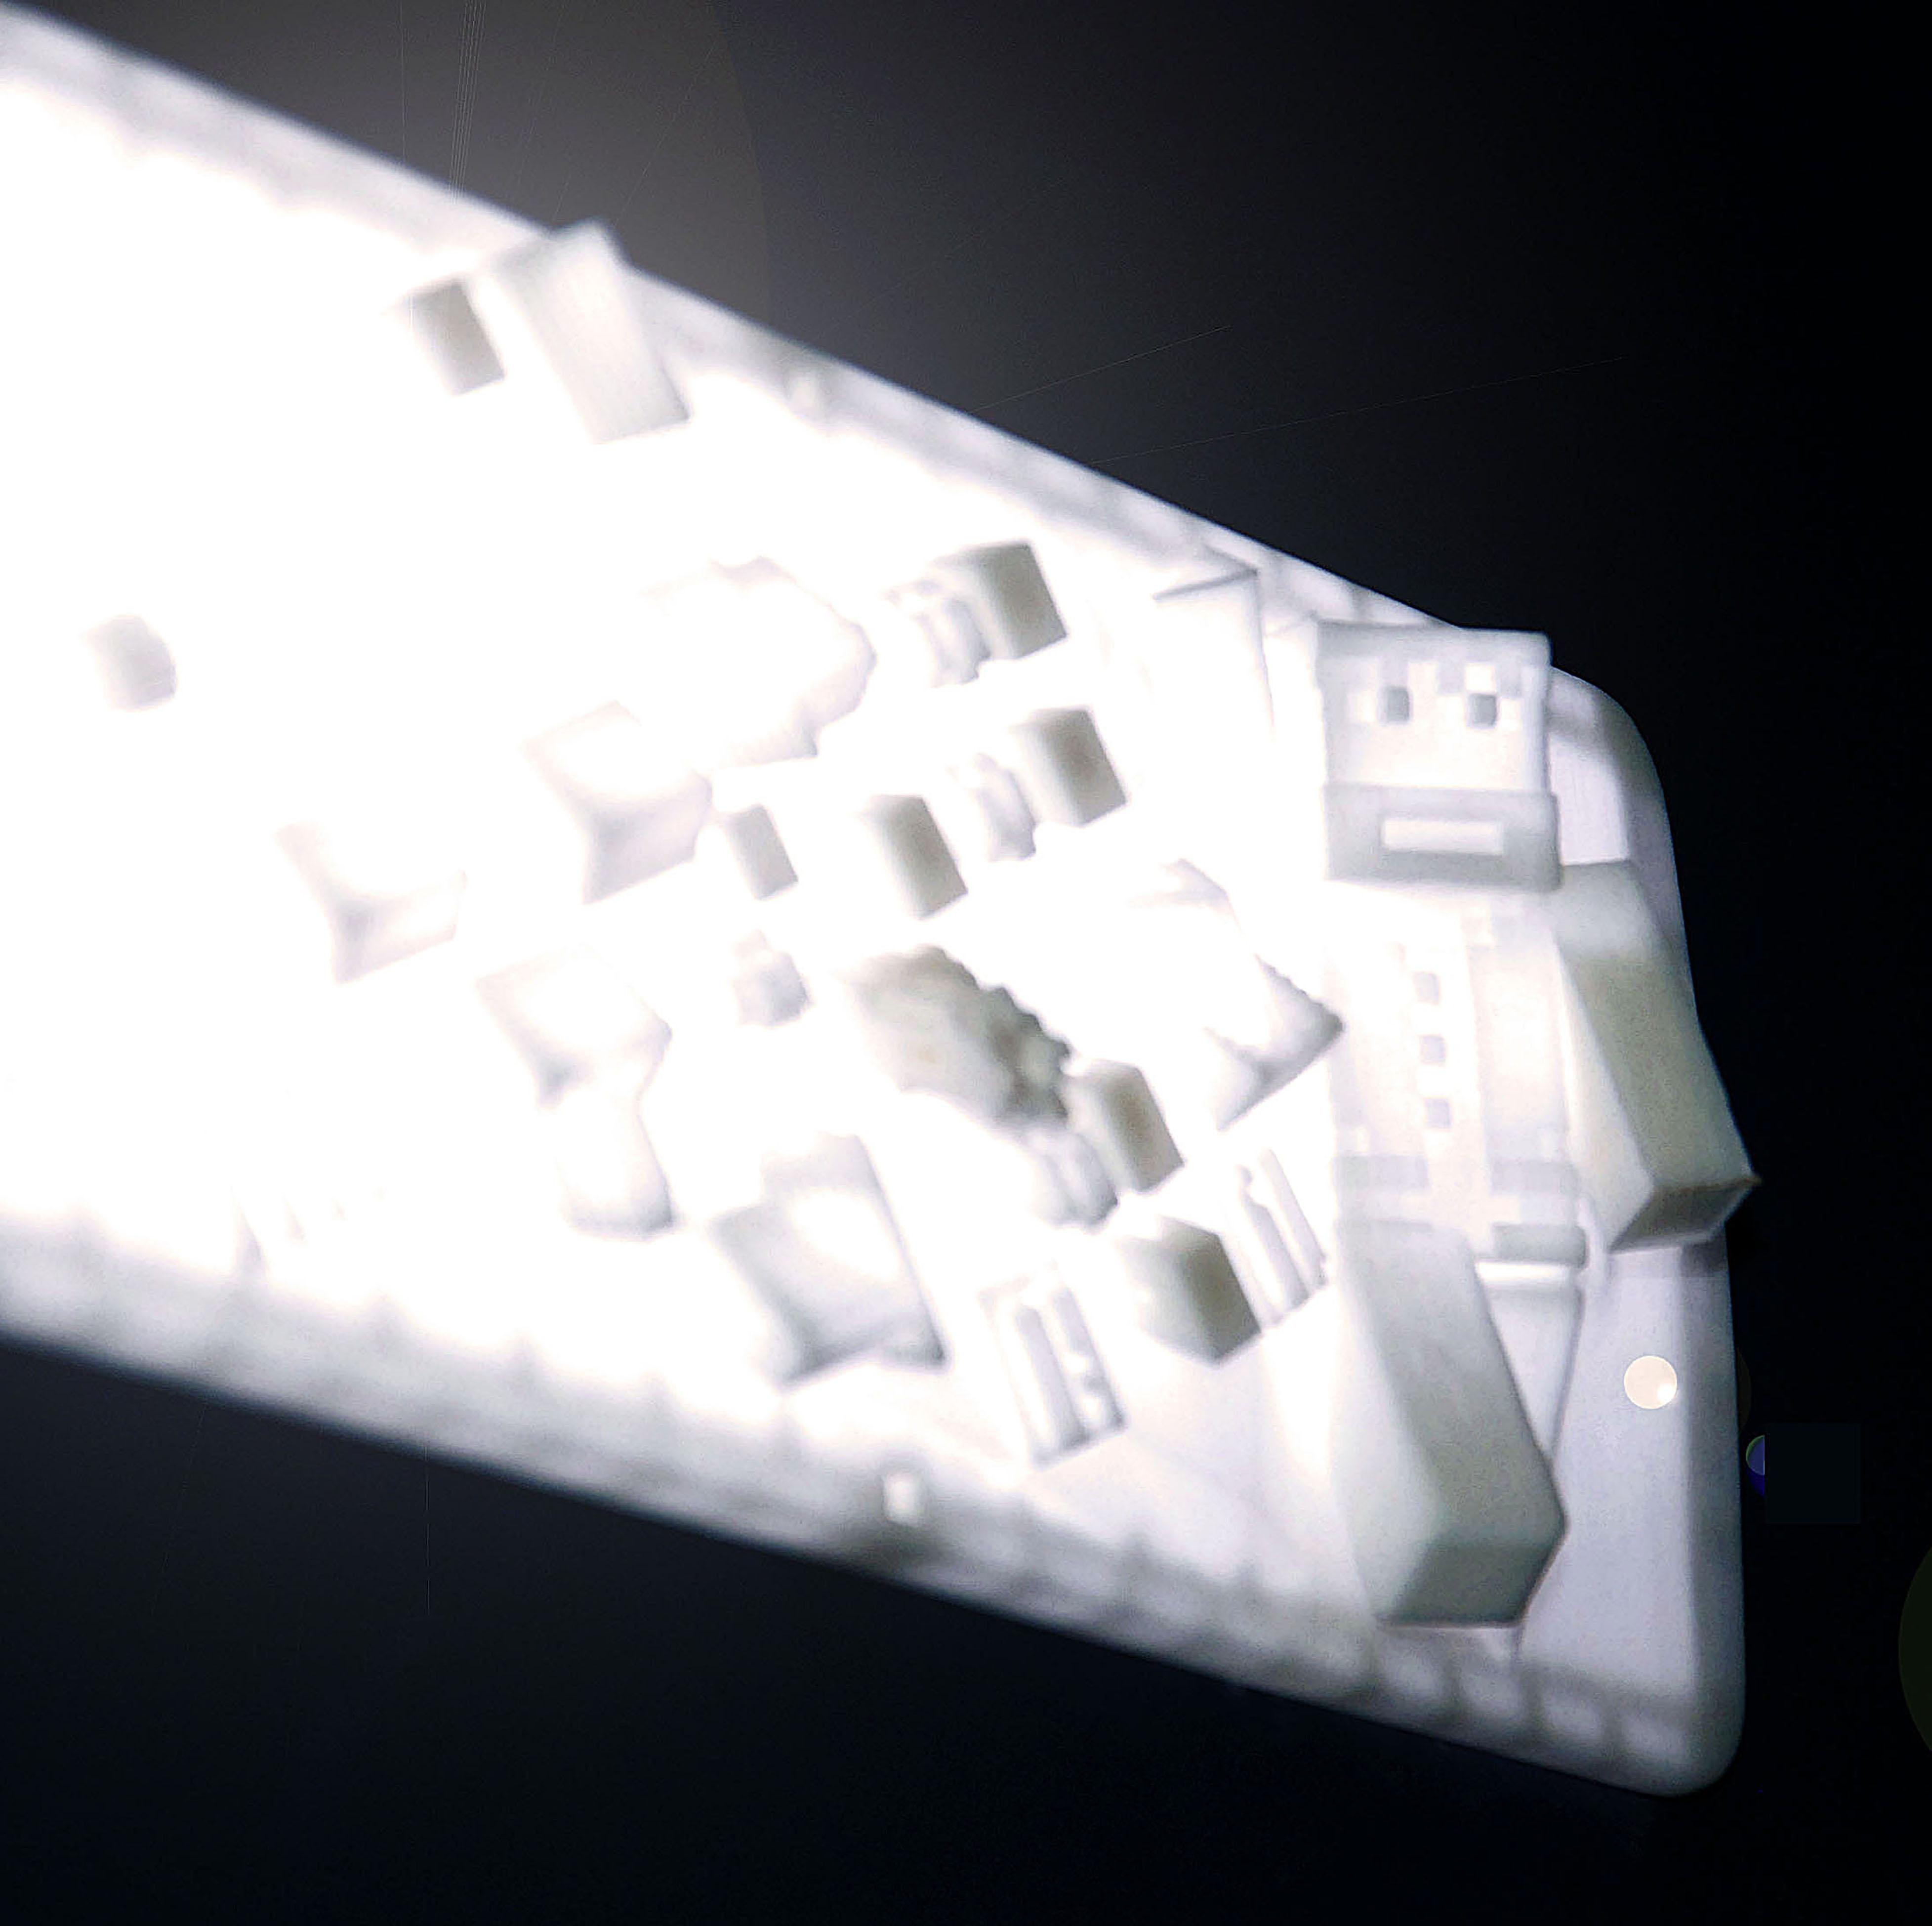 Réflecteurs lumineux : impression 3D